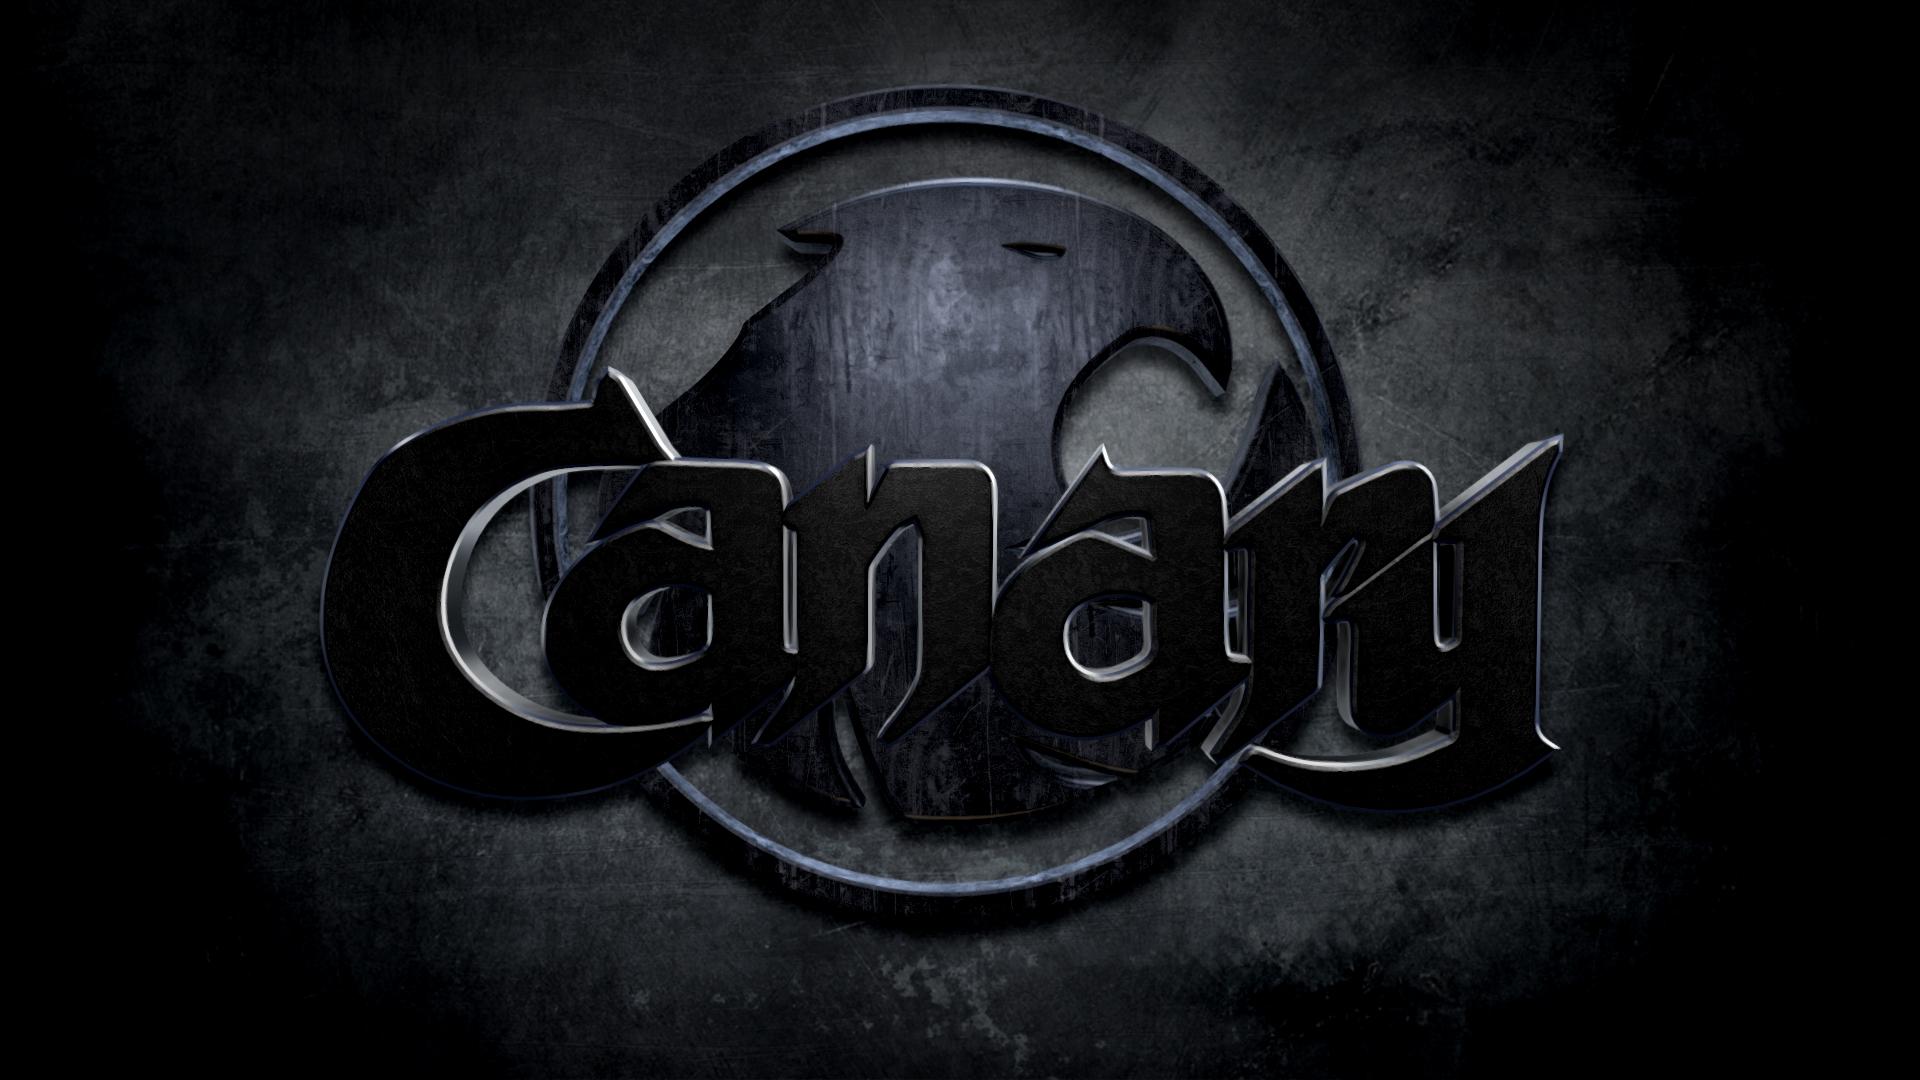 Black Canary Logos